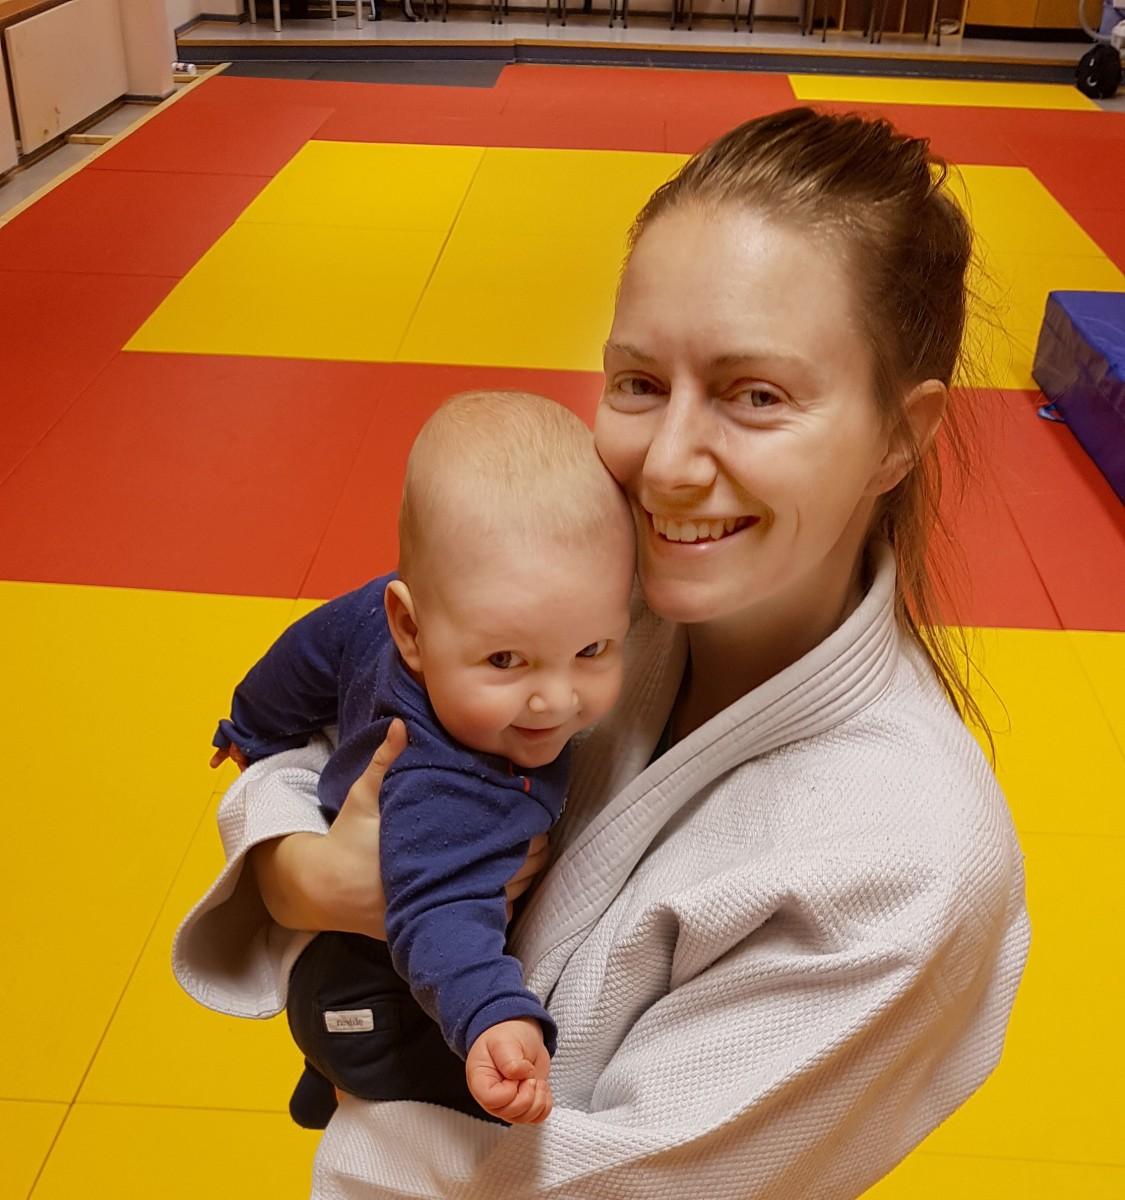 Nina og baby på judotrening